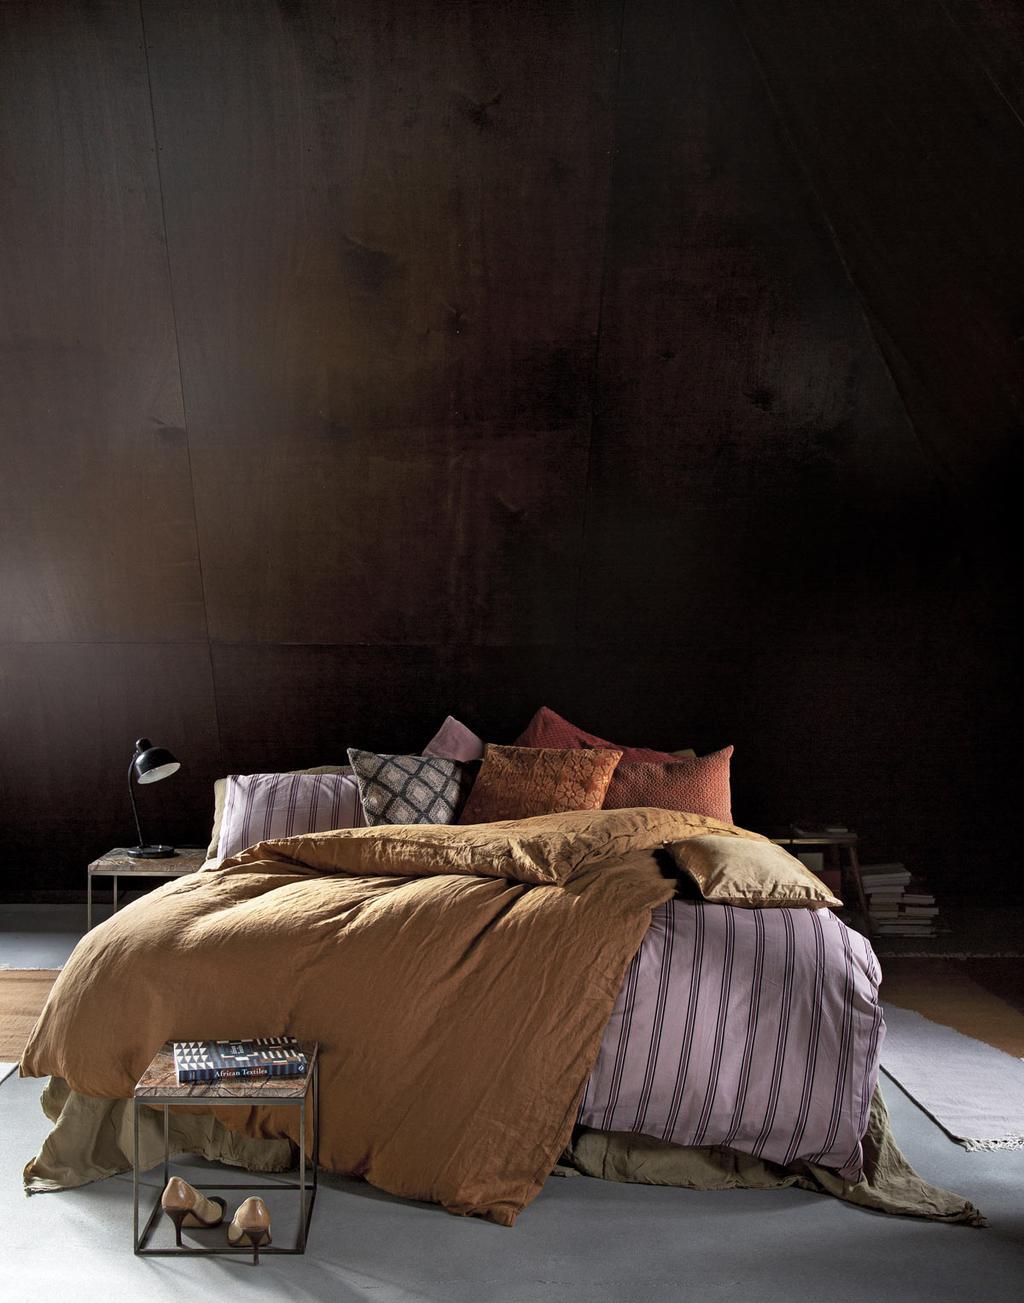 Zacht bed met kussens in prints en zachtgele en roze tinten.